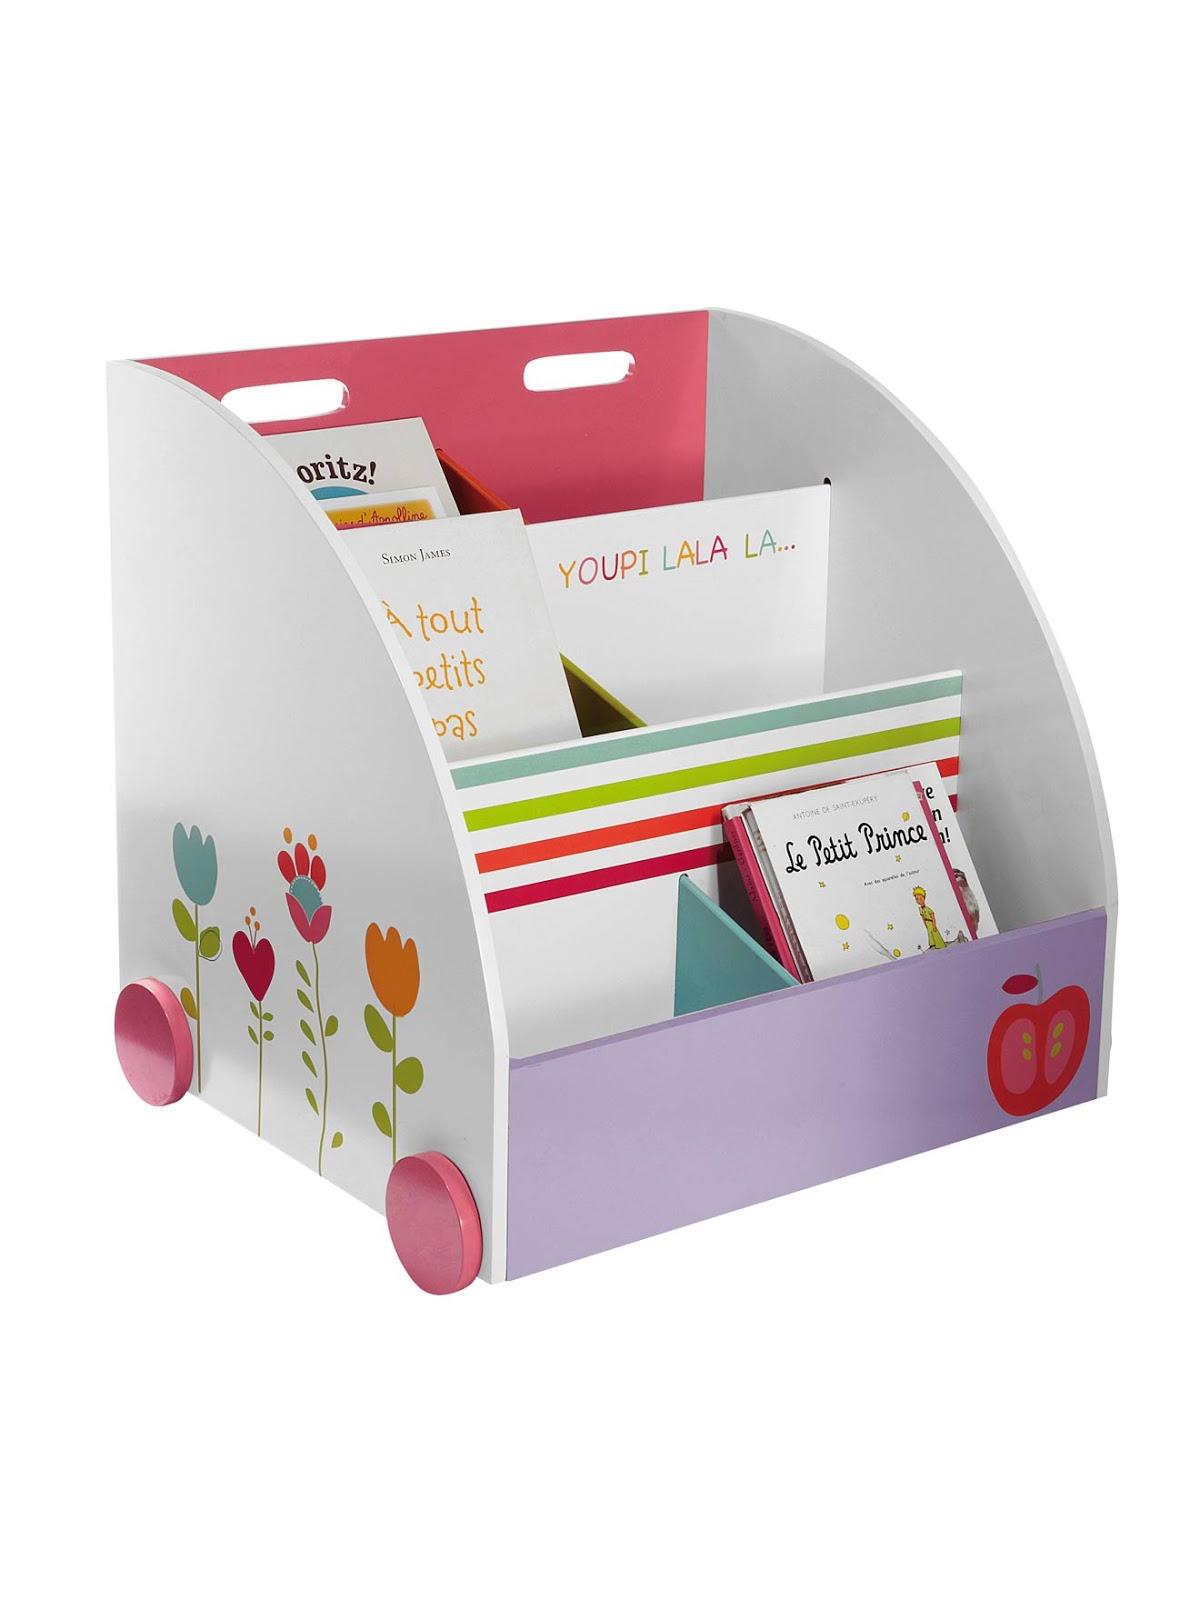 Deconi os ideas para montar su espacio para la lectura - Vertbaudet estanterias ...